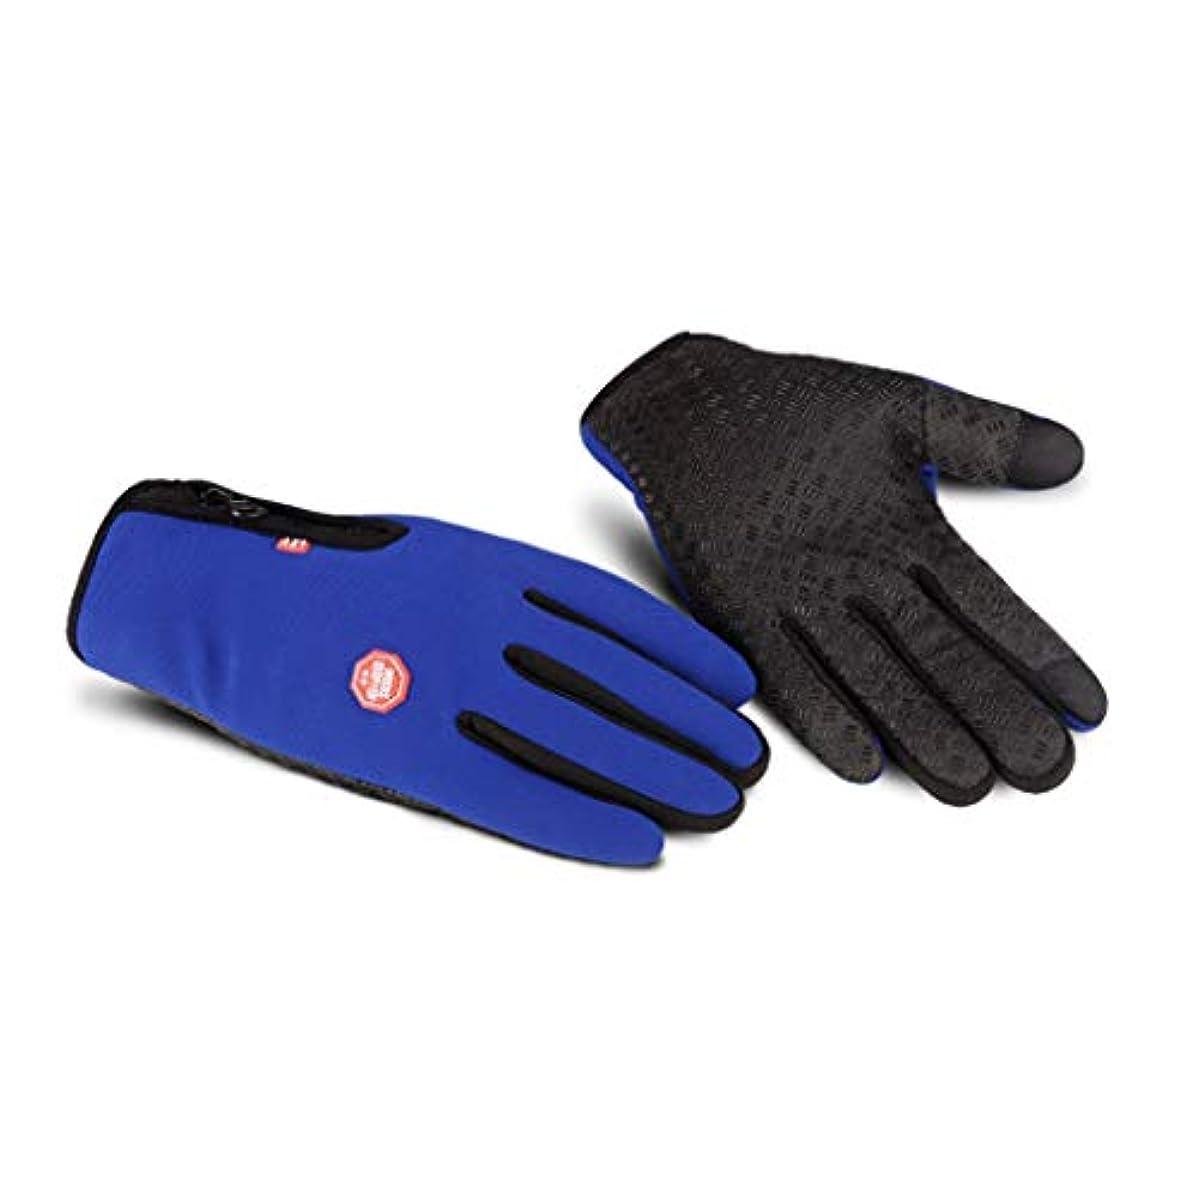 蘇生する見る犯人手袋の男性の秋と冬の自転車電動バイクの女性のタッチスクリーンはすべて防風ノンスリップ暖かいコールドプラスベルベット弾性手袋ワンサイズ青